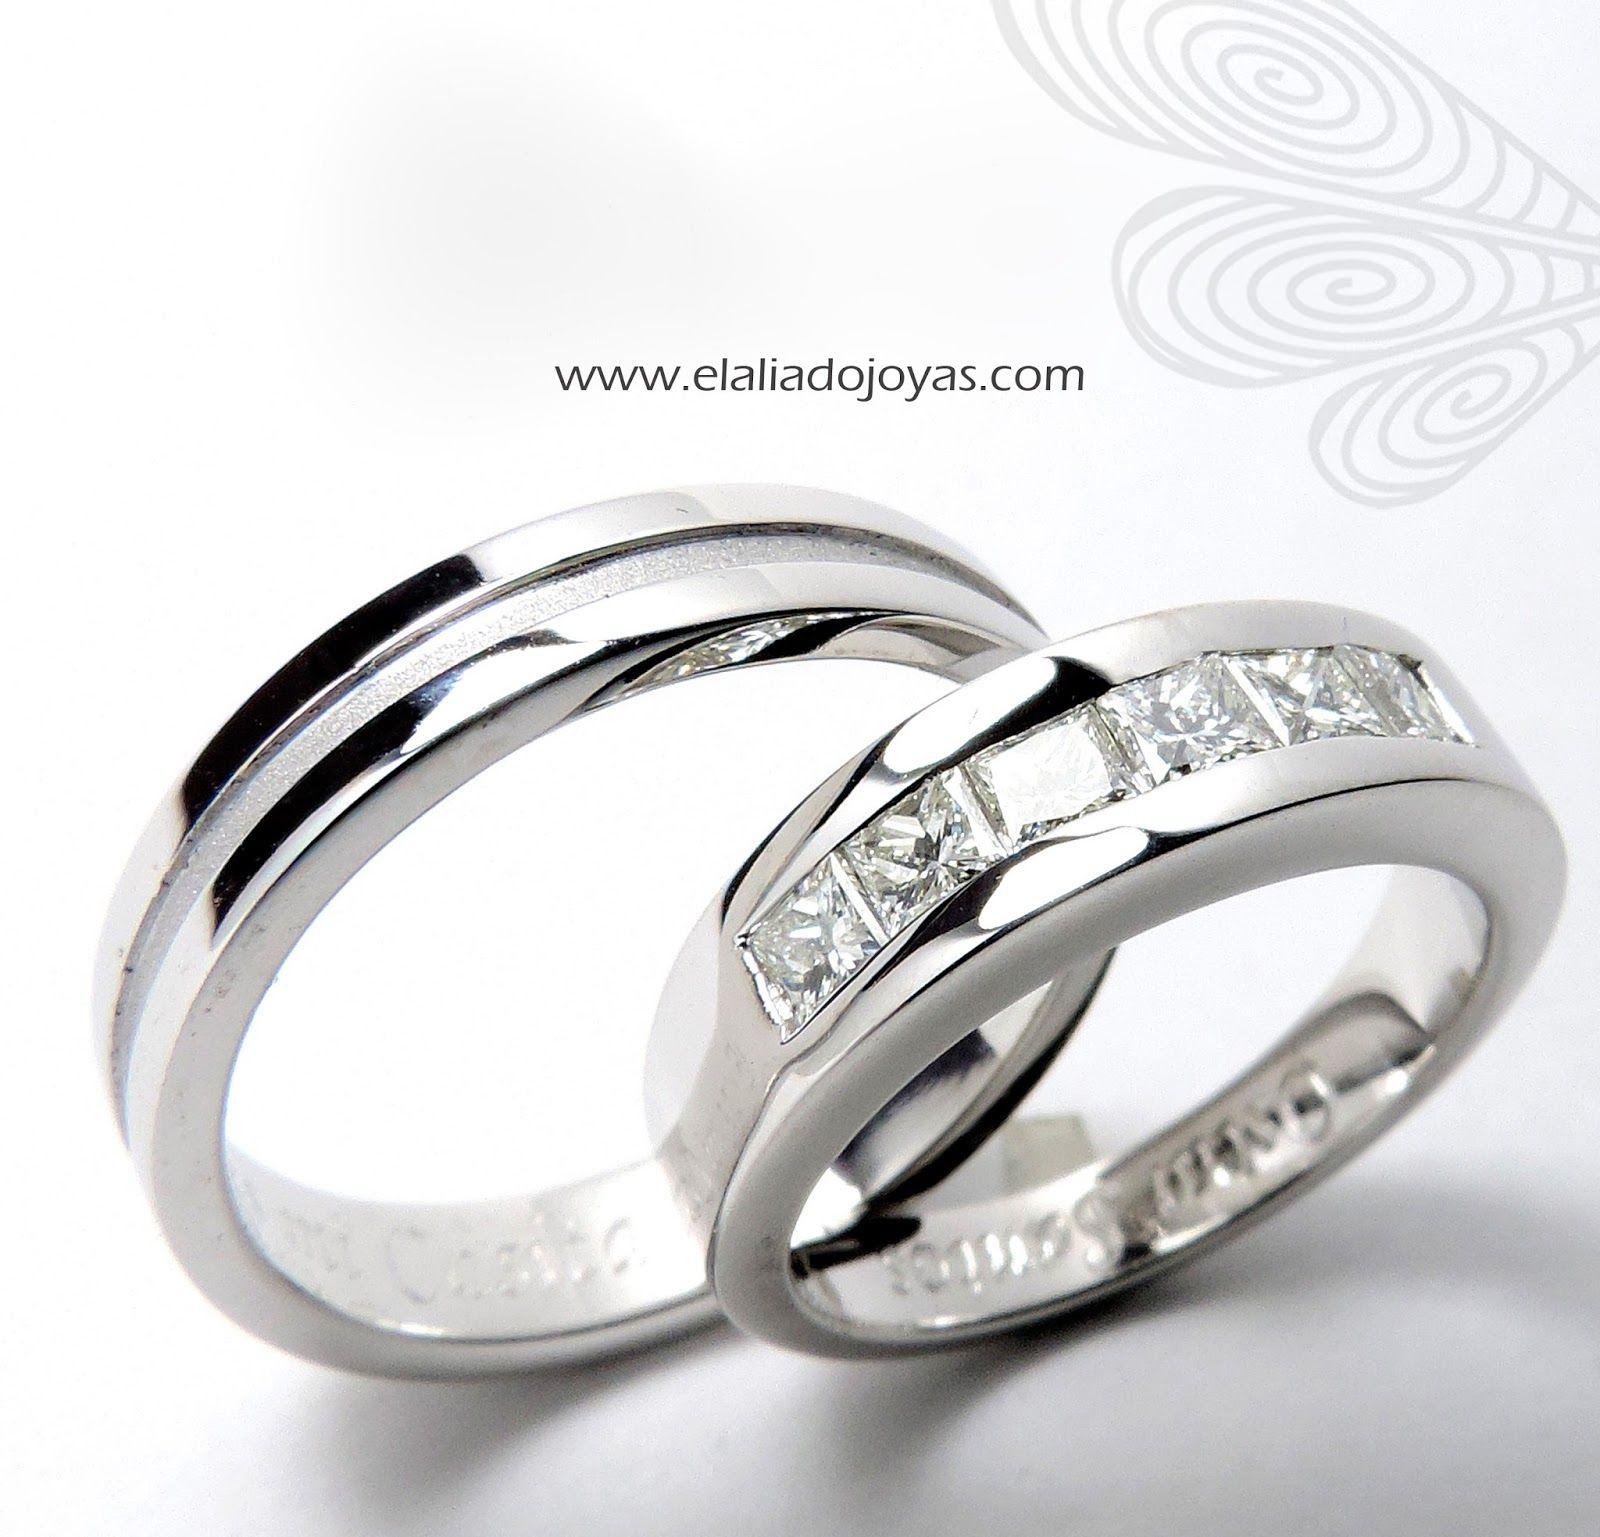 Argollas de matrimonio y anillos de compromiso anillos de boda pinterest anillos de - Anillo de casado mano ...